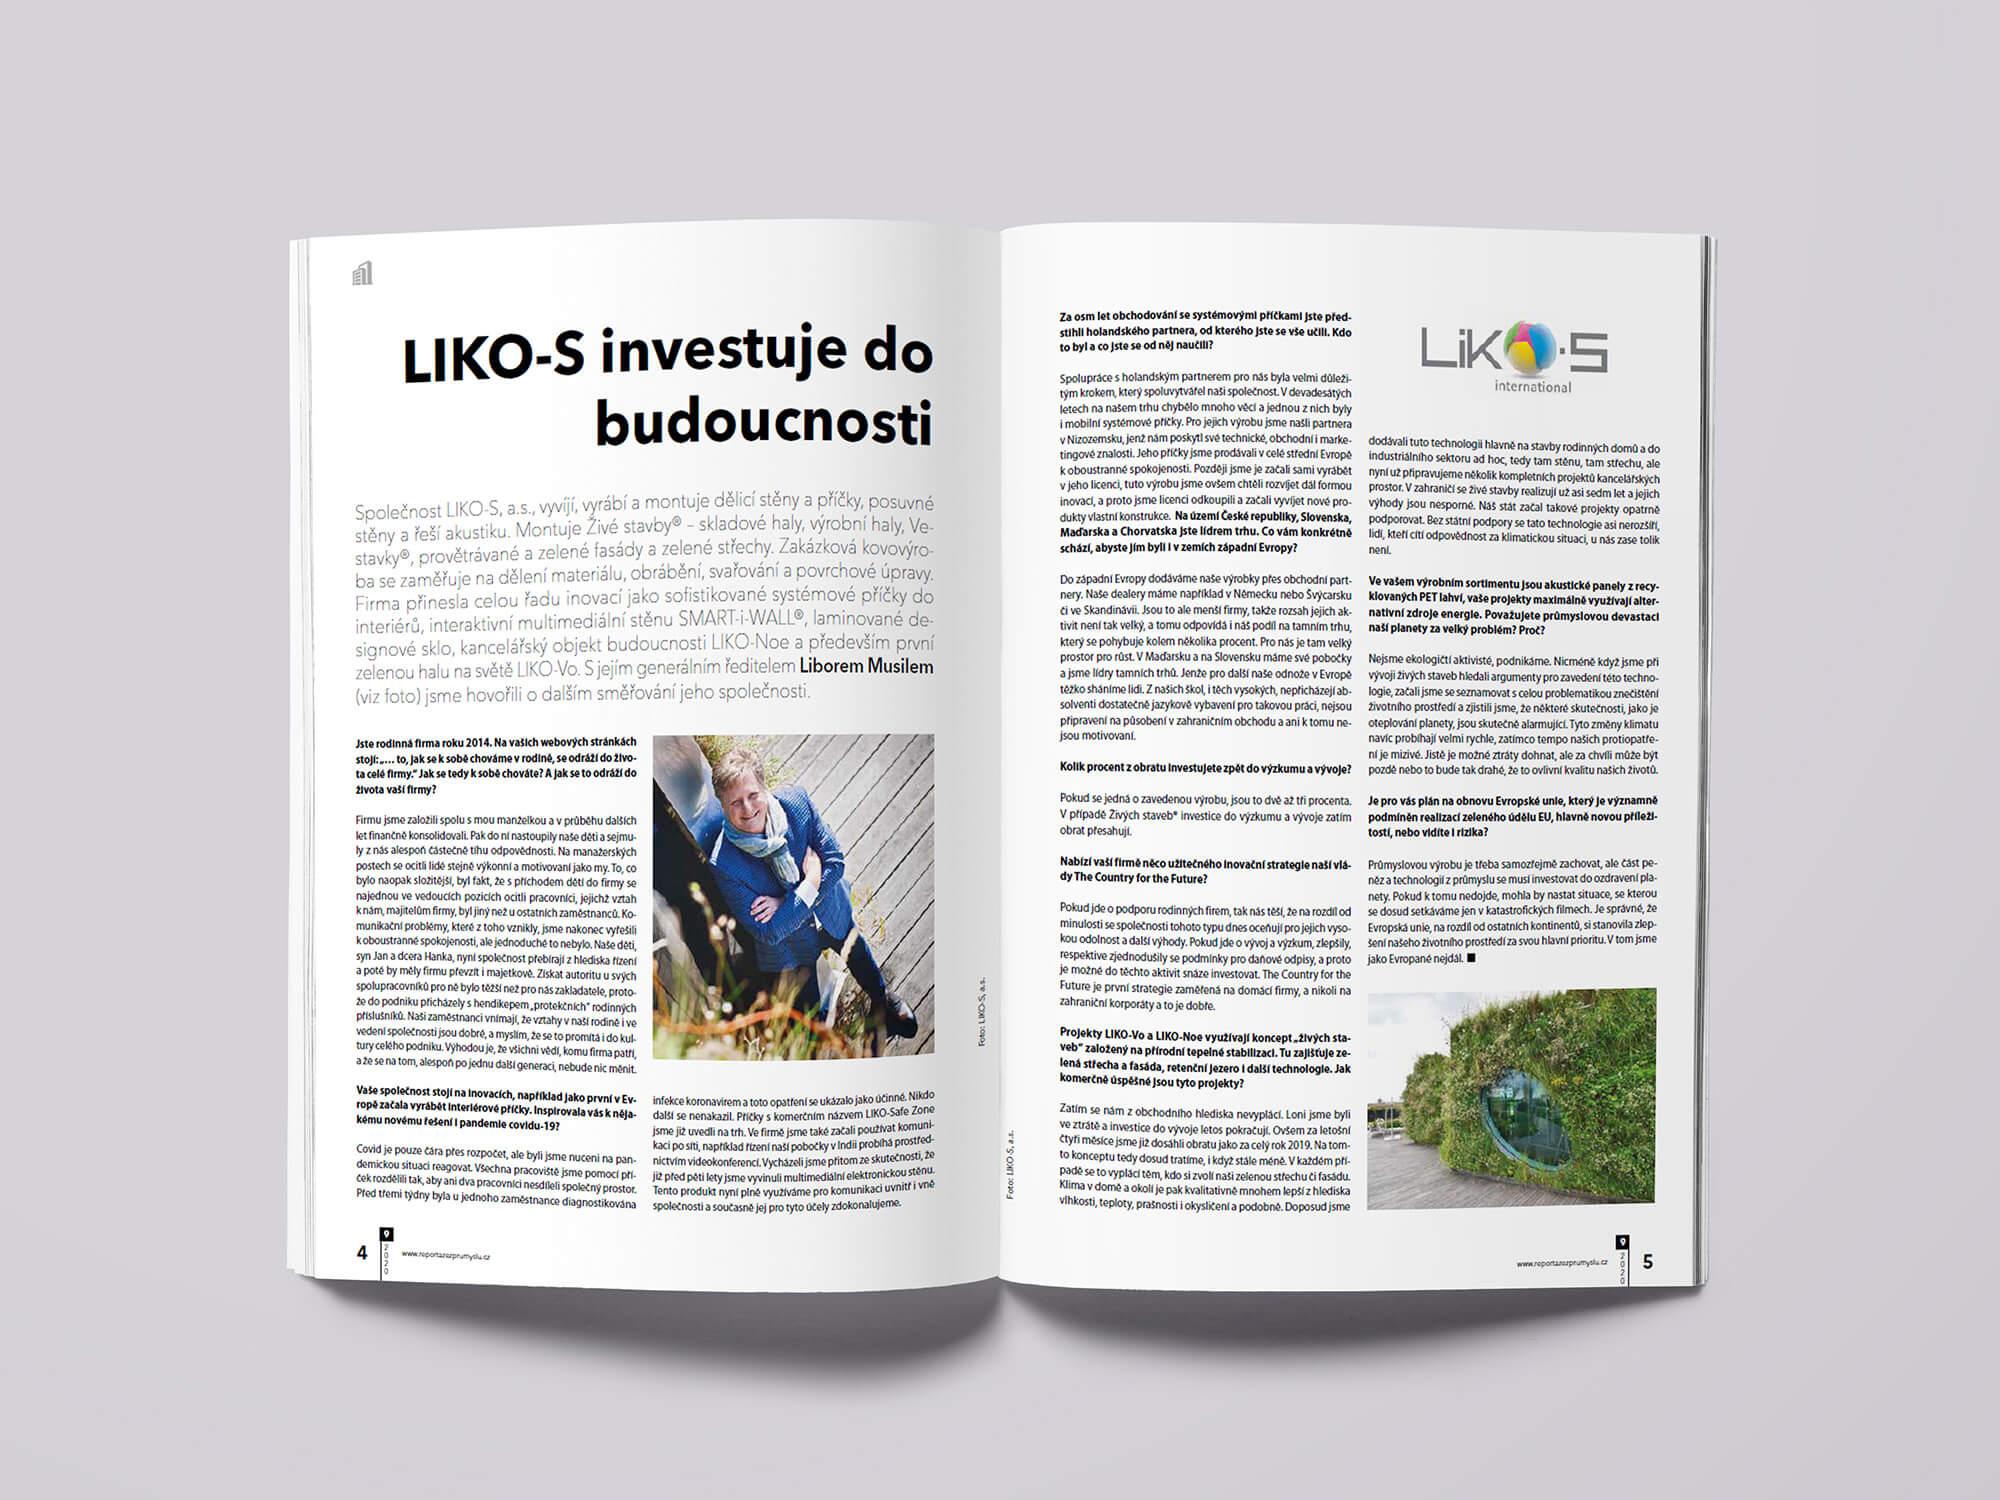 LIKO-S investuje do budúcnosti